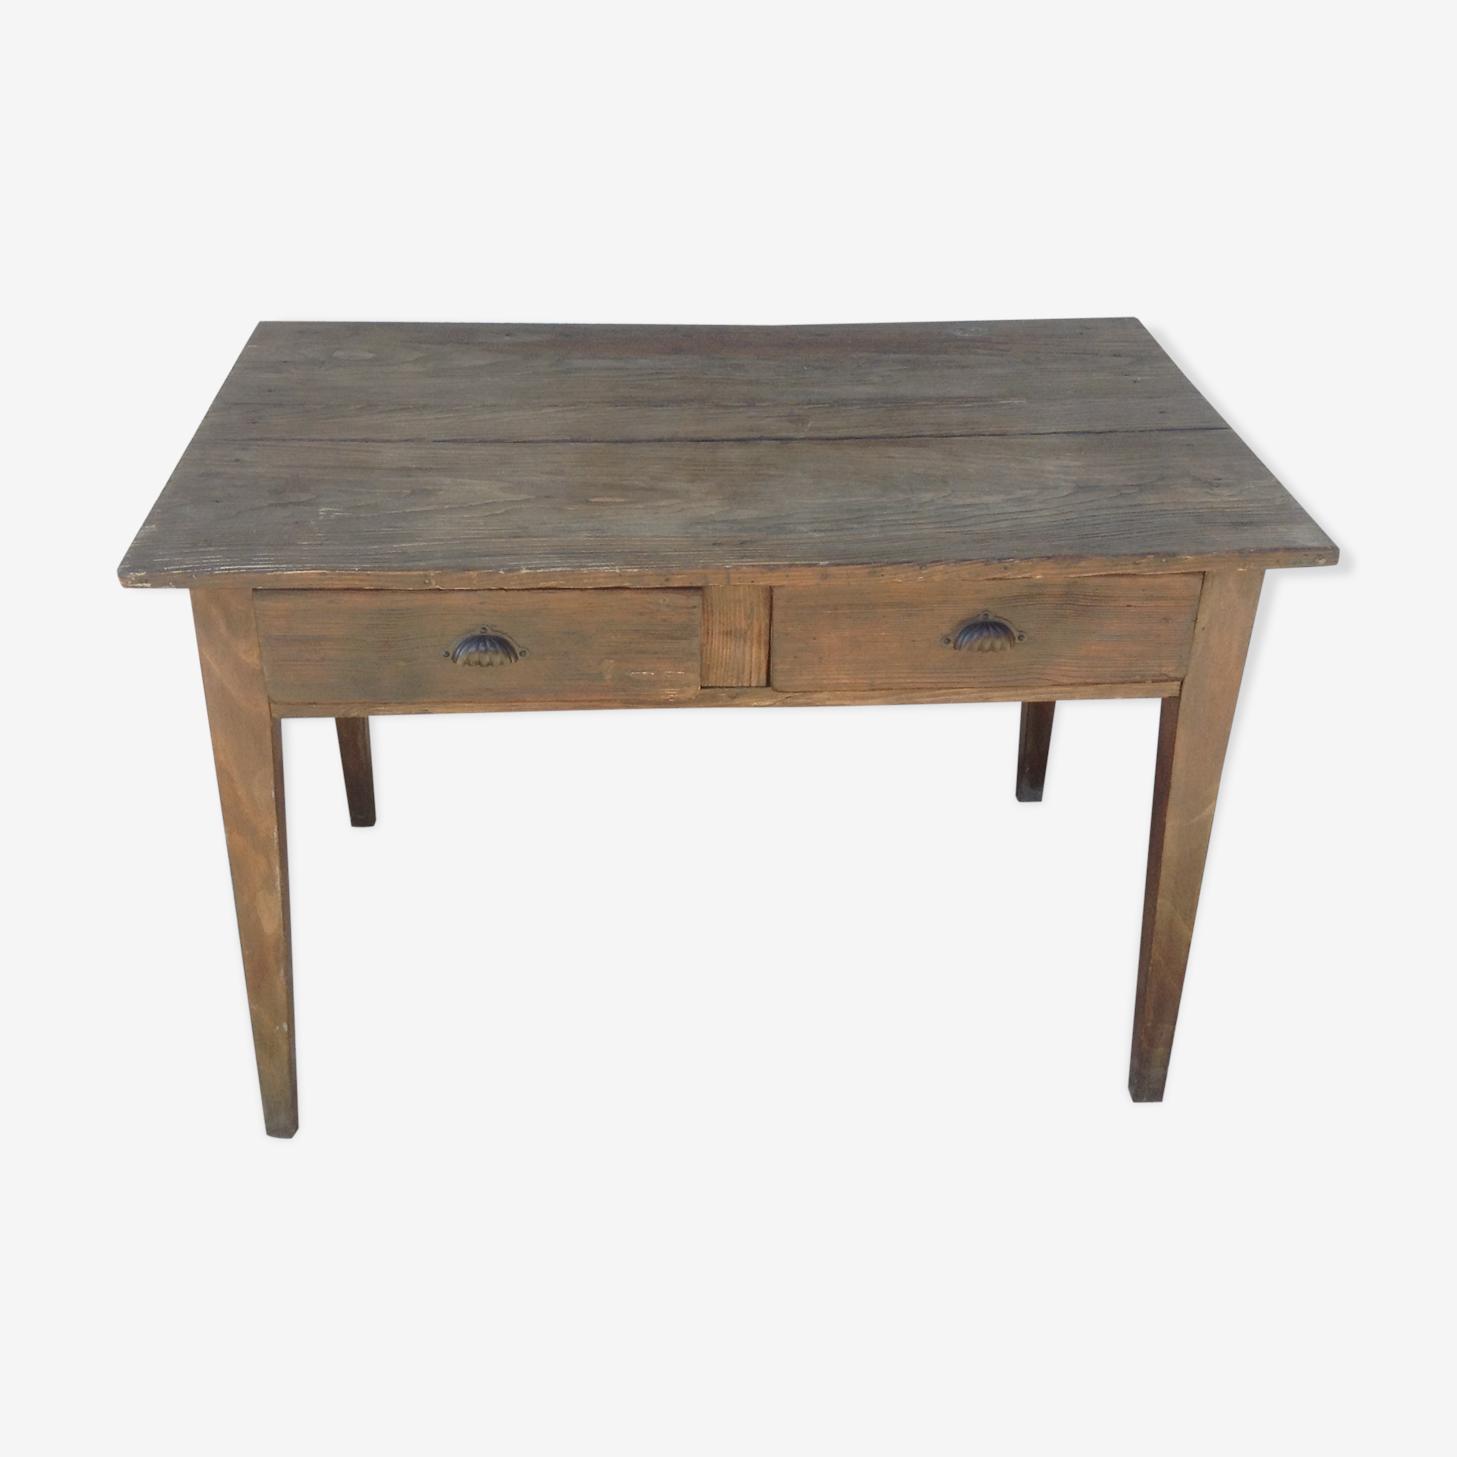 Fir farmhouse table